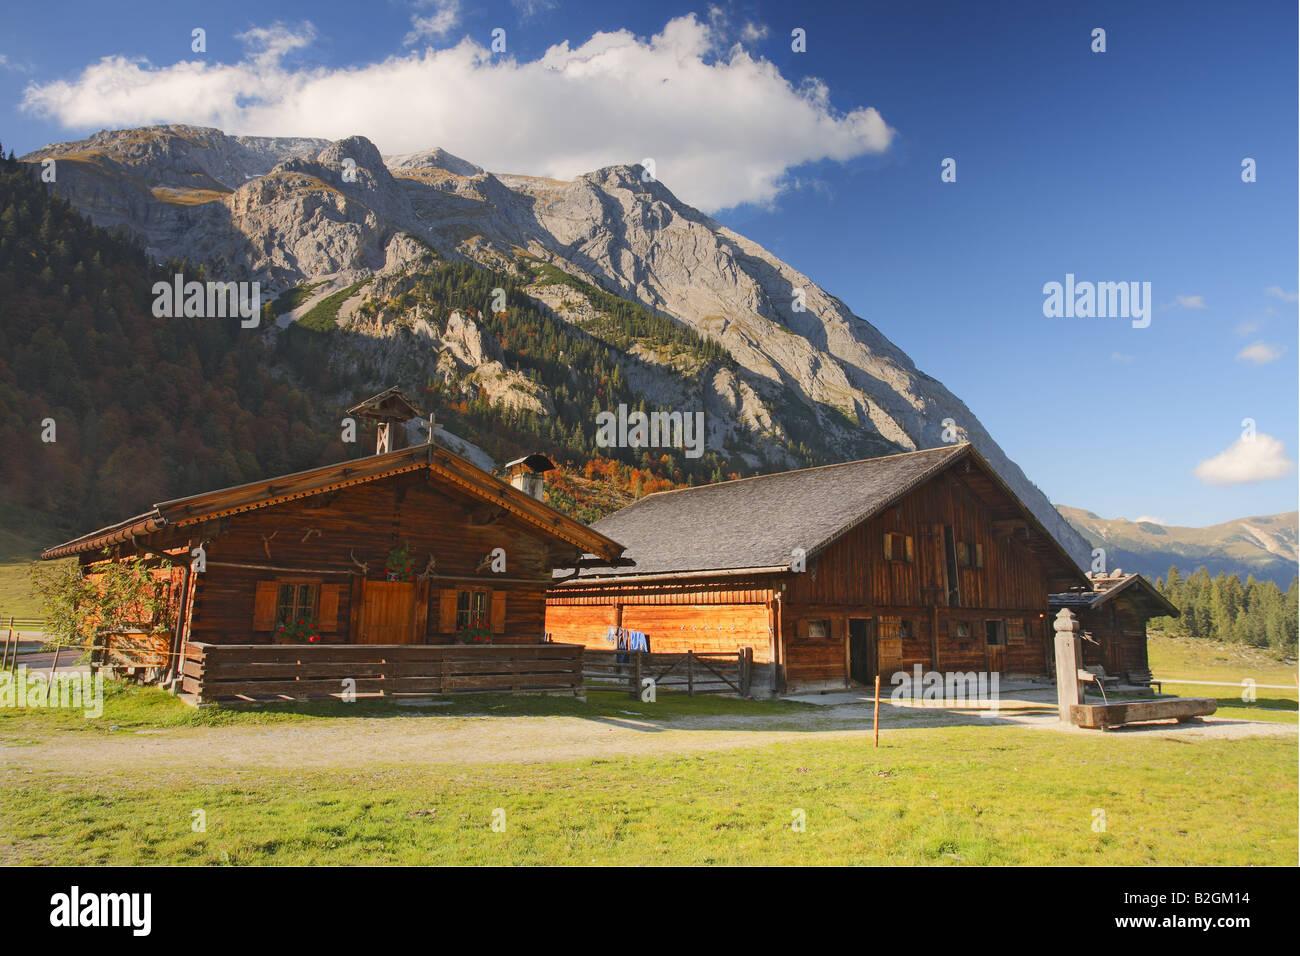 alpine h tte alpen sterreich herbst tiroler engalm herbstliche bergwelt stockfoto bild. Black Bedroom Furniture Sets. Home Design Ideas